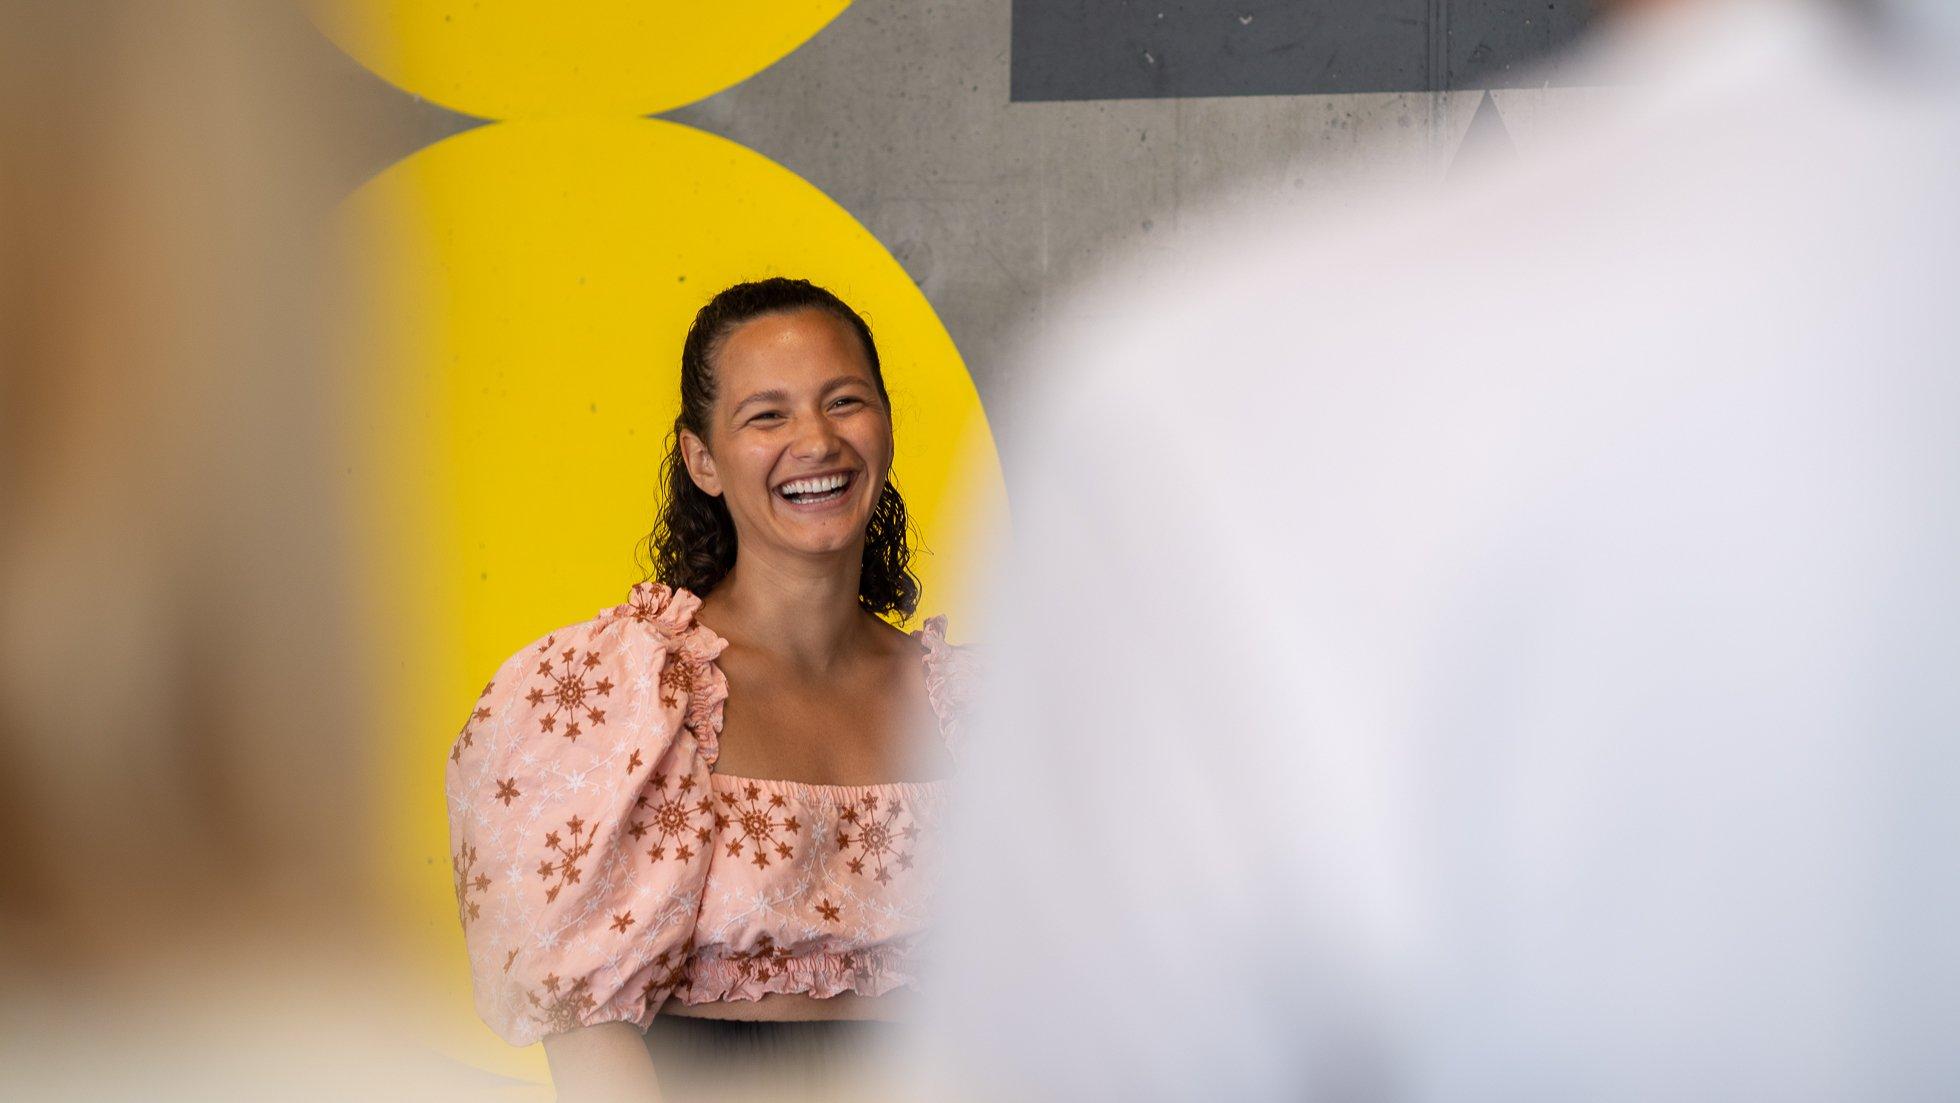 Skrattande kvinna står framför målad tegelvägg i gult och tittar in i kamera m